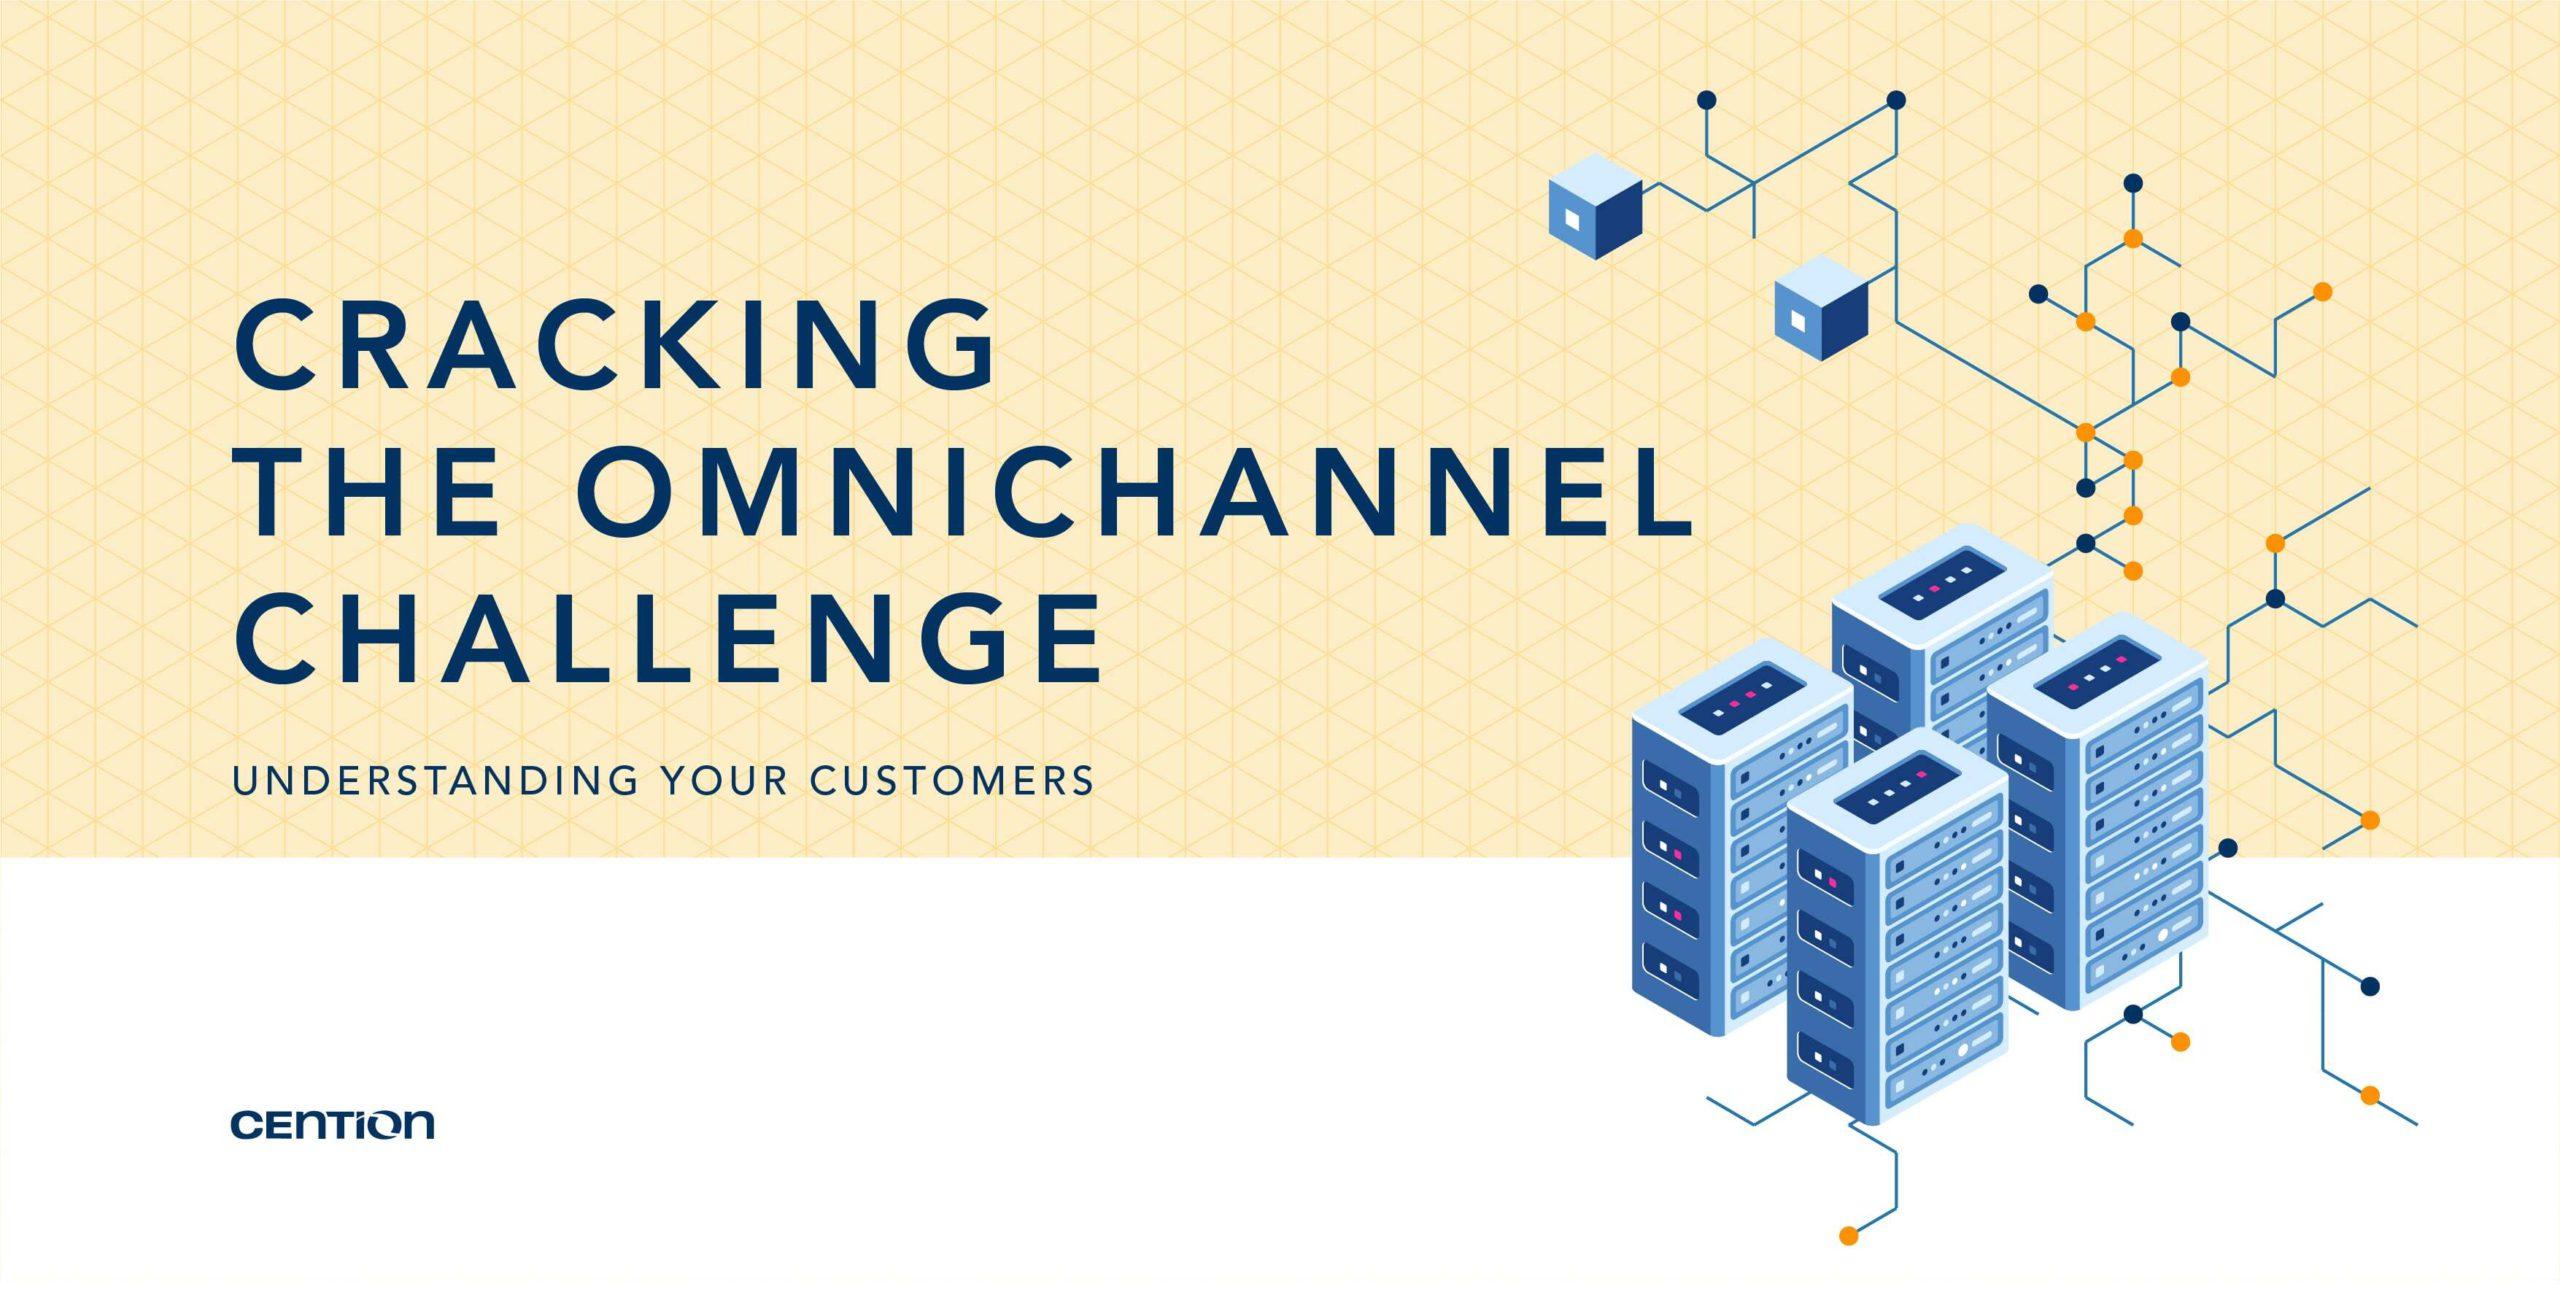 omnichannel challenges